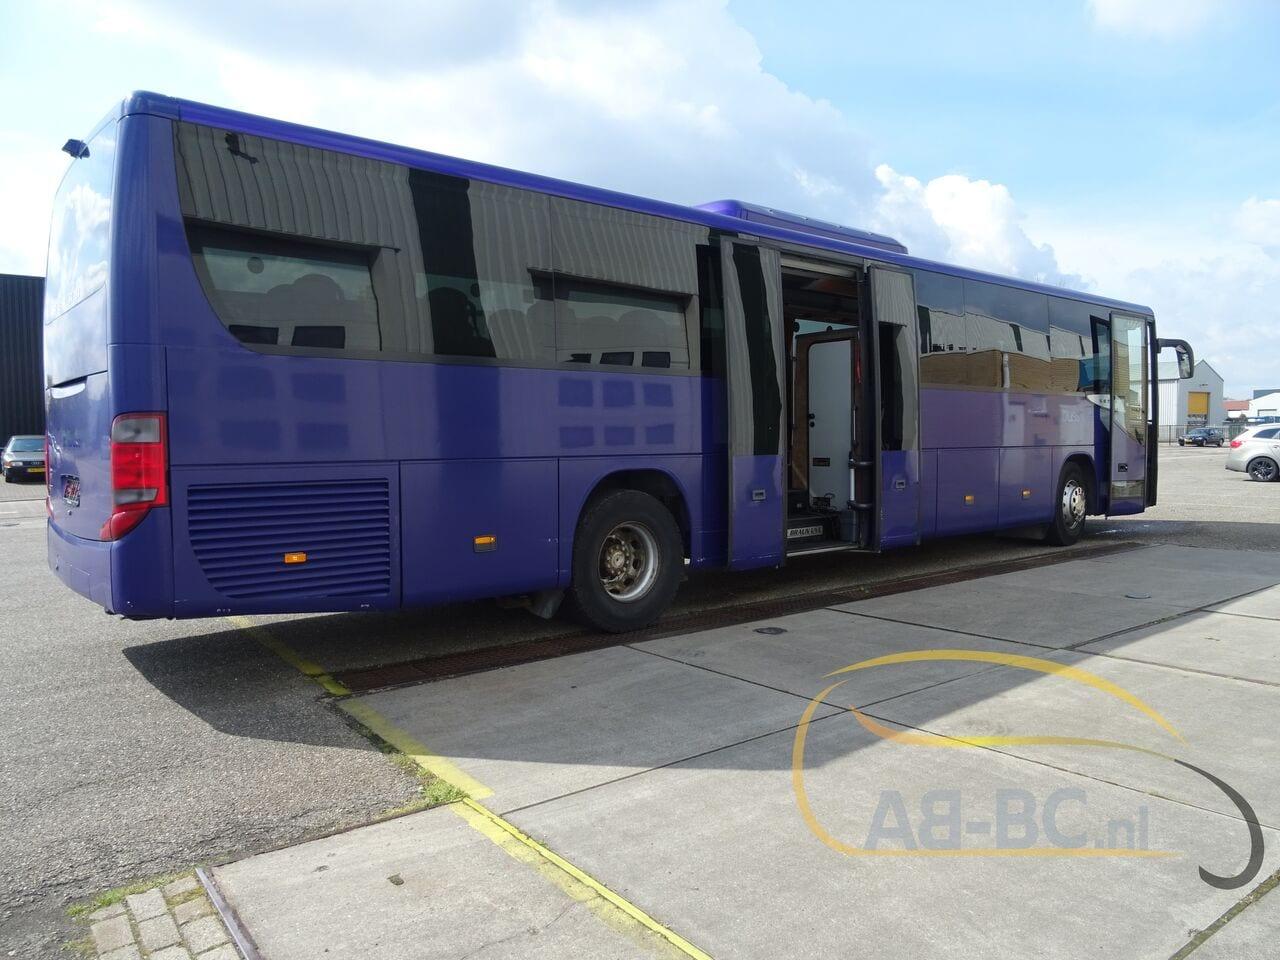 coach-busSETRA-S416H-48-SEATS-LIFTBUS---1620309633398110344_big_1b679e3f6d10712186351fd3ffcc4f62--21050616581387095000